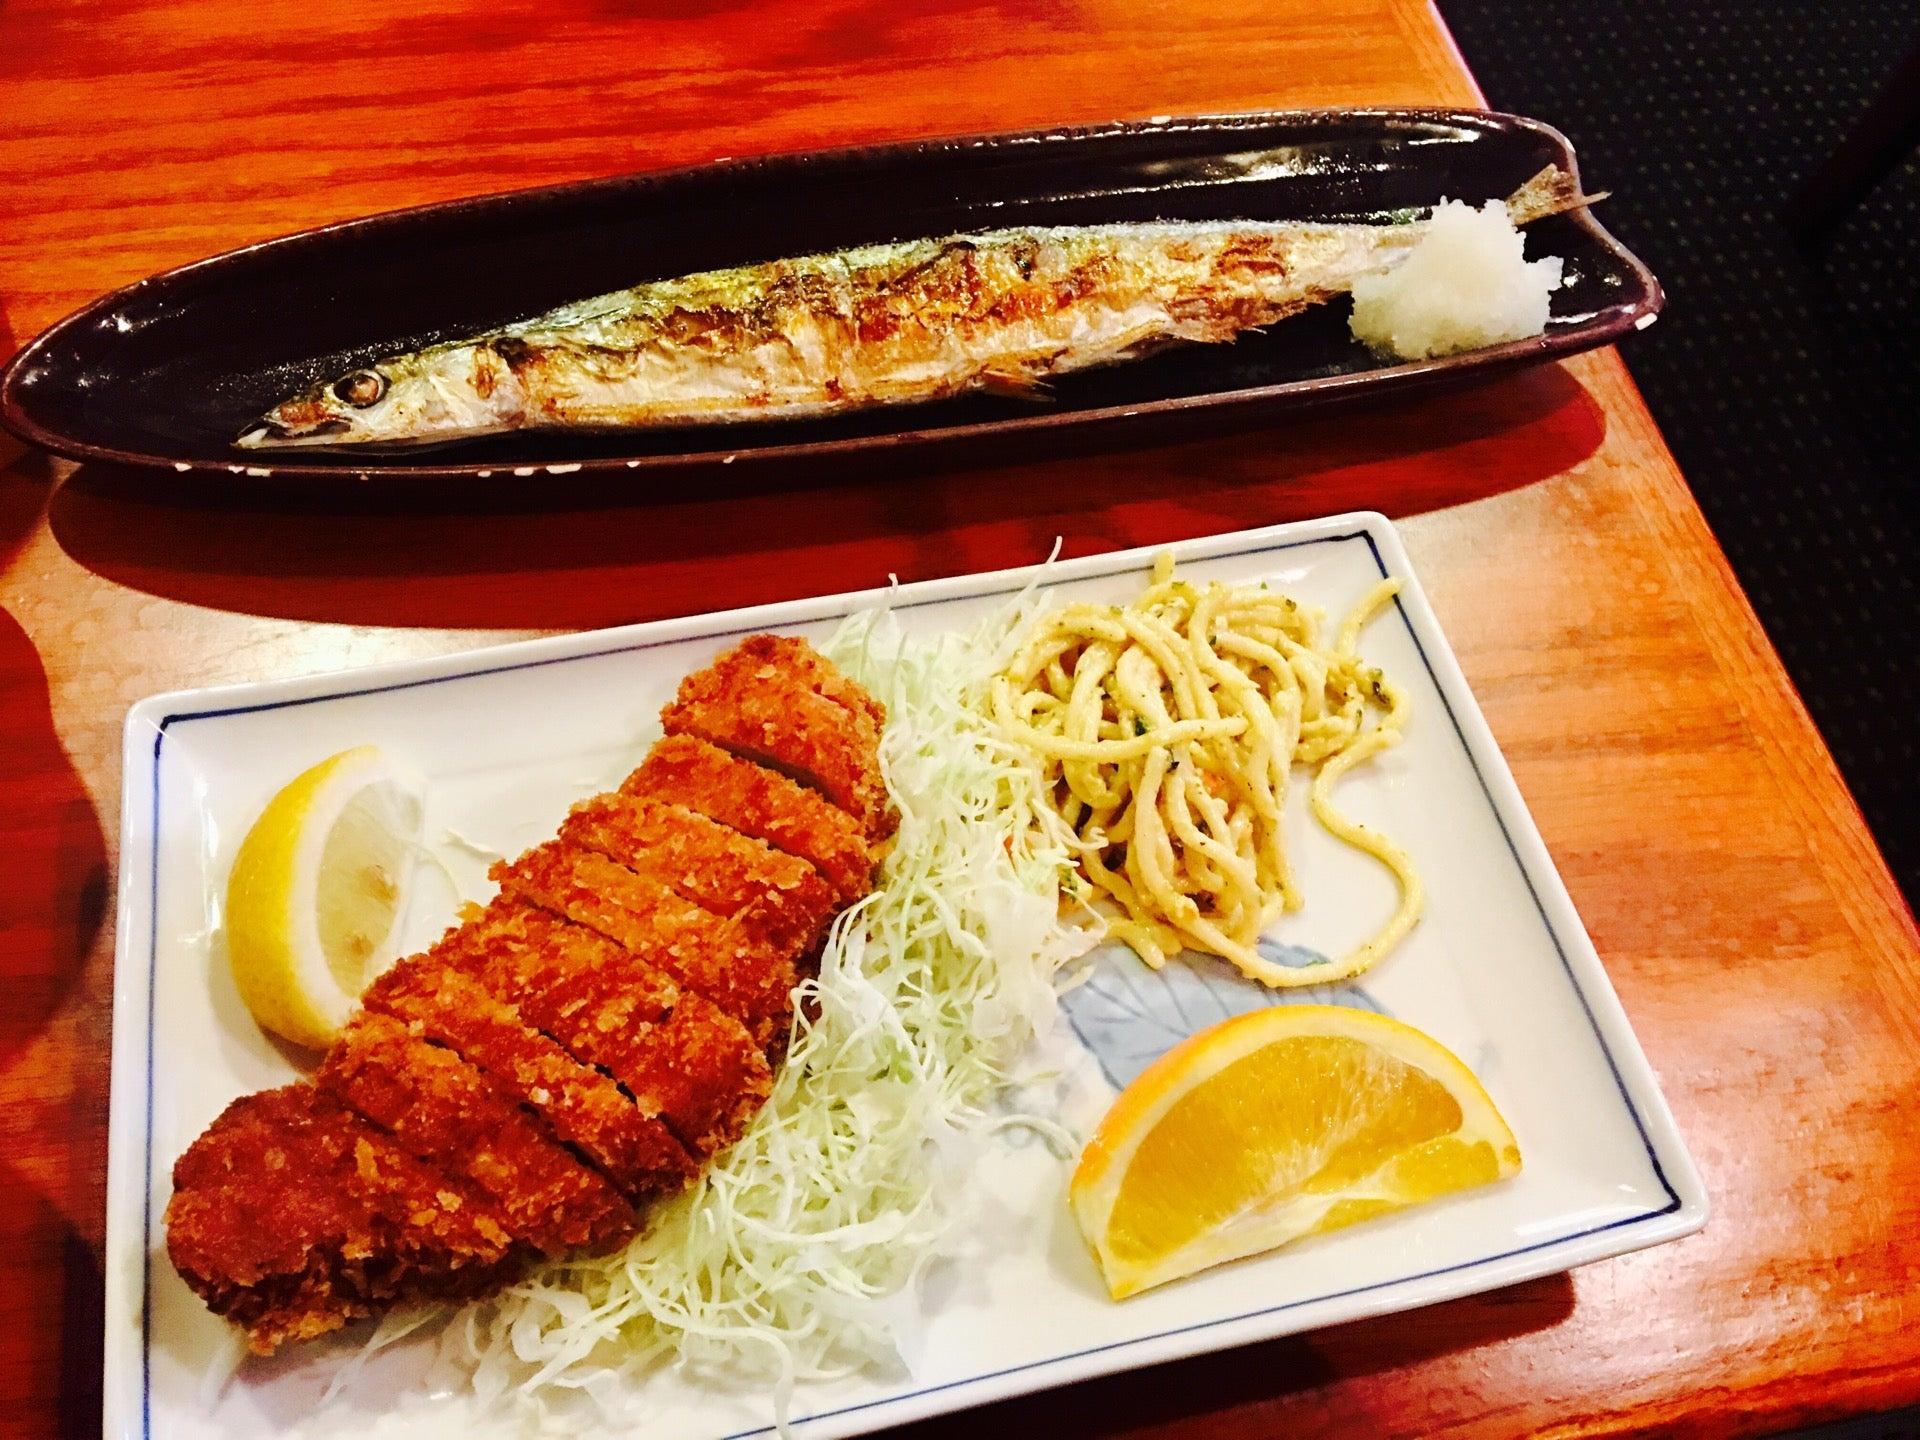 Yuki Japanese Restaurant in Fremont - Parent Reviews on Winnie